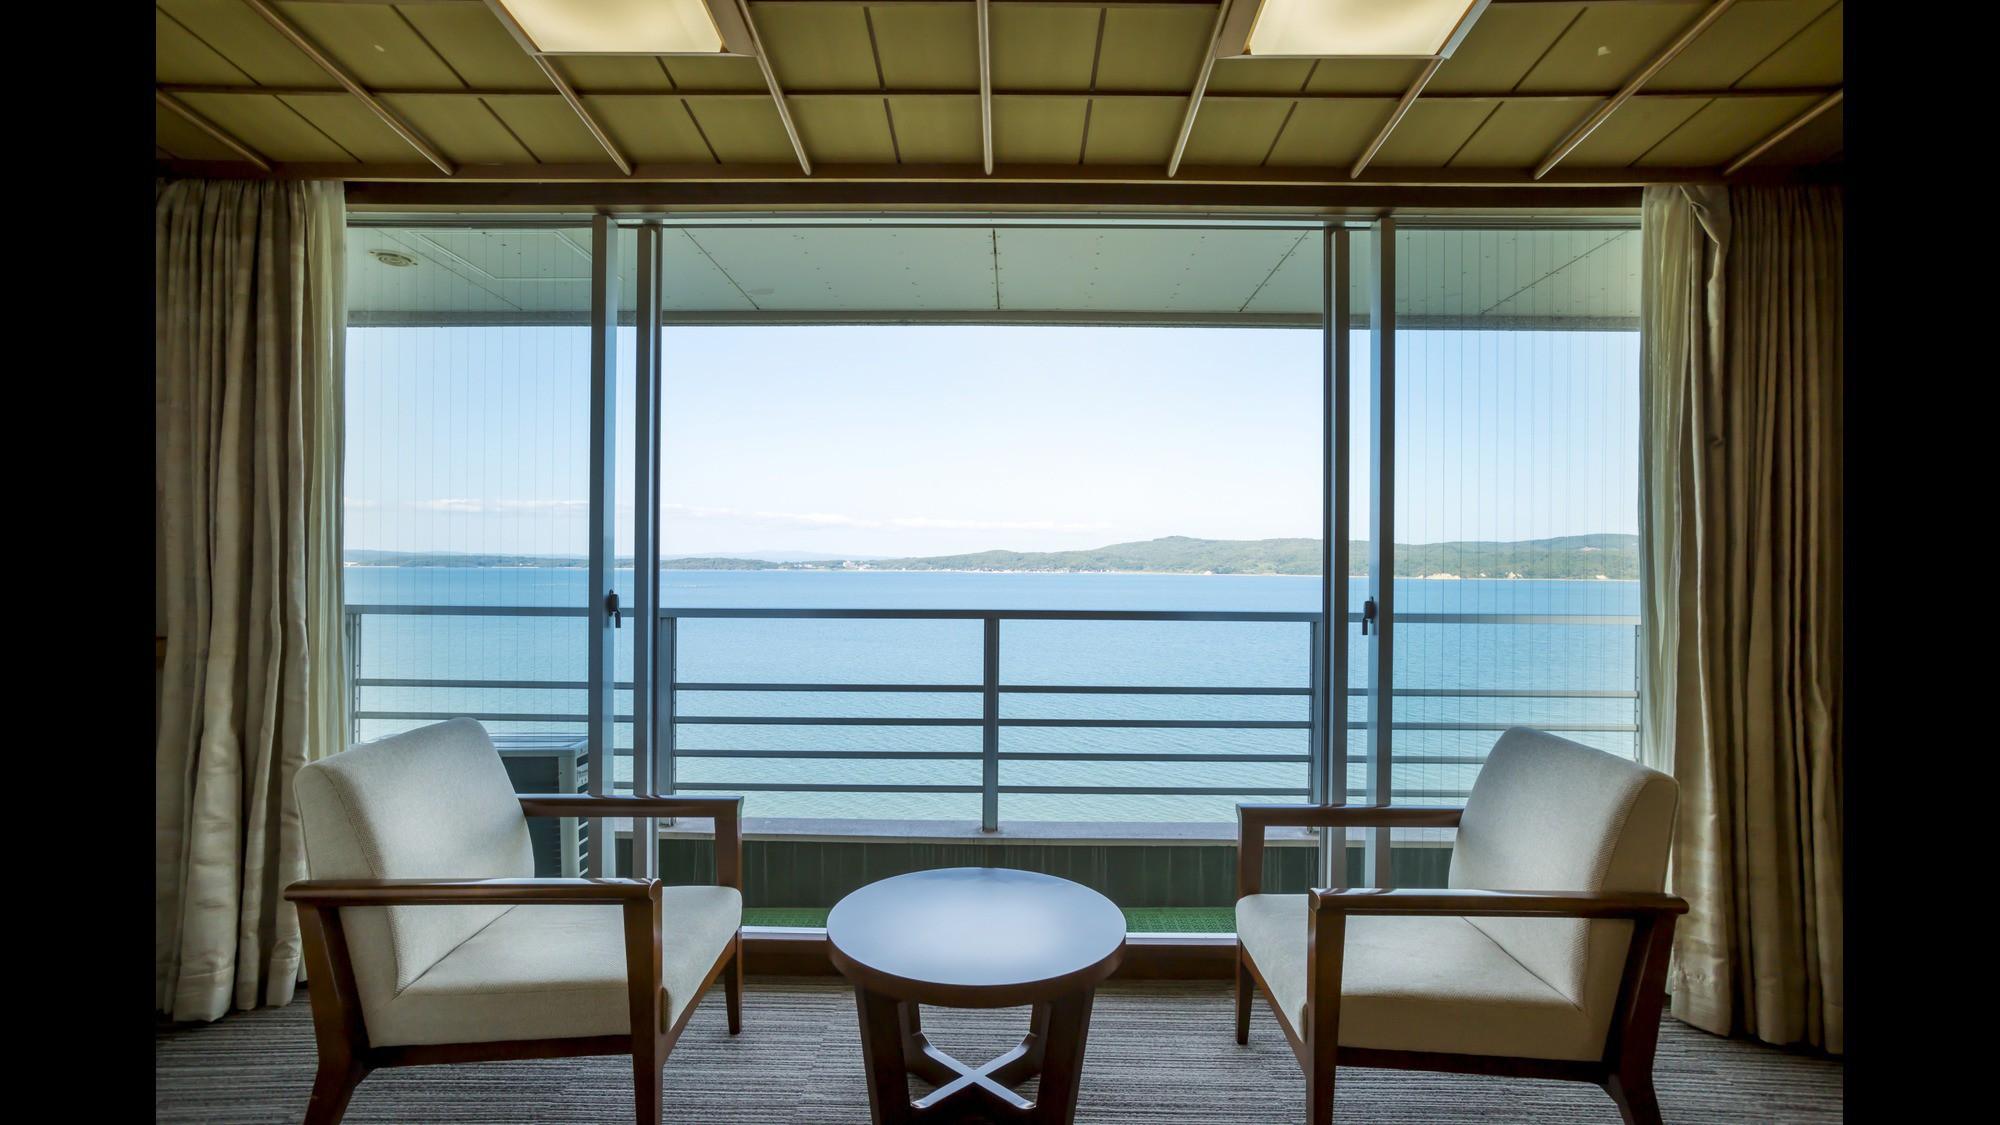 【白鵬殿】海が見える一般客室